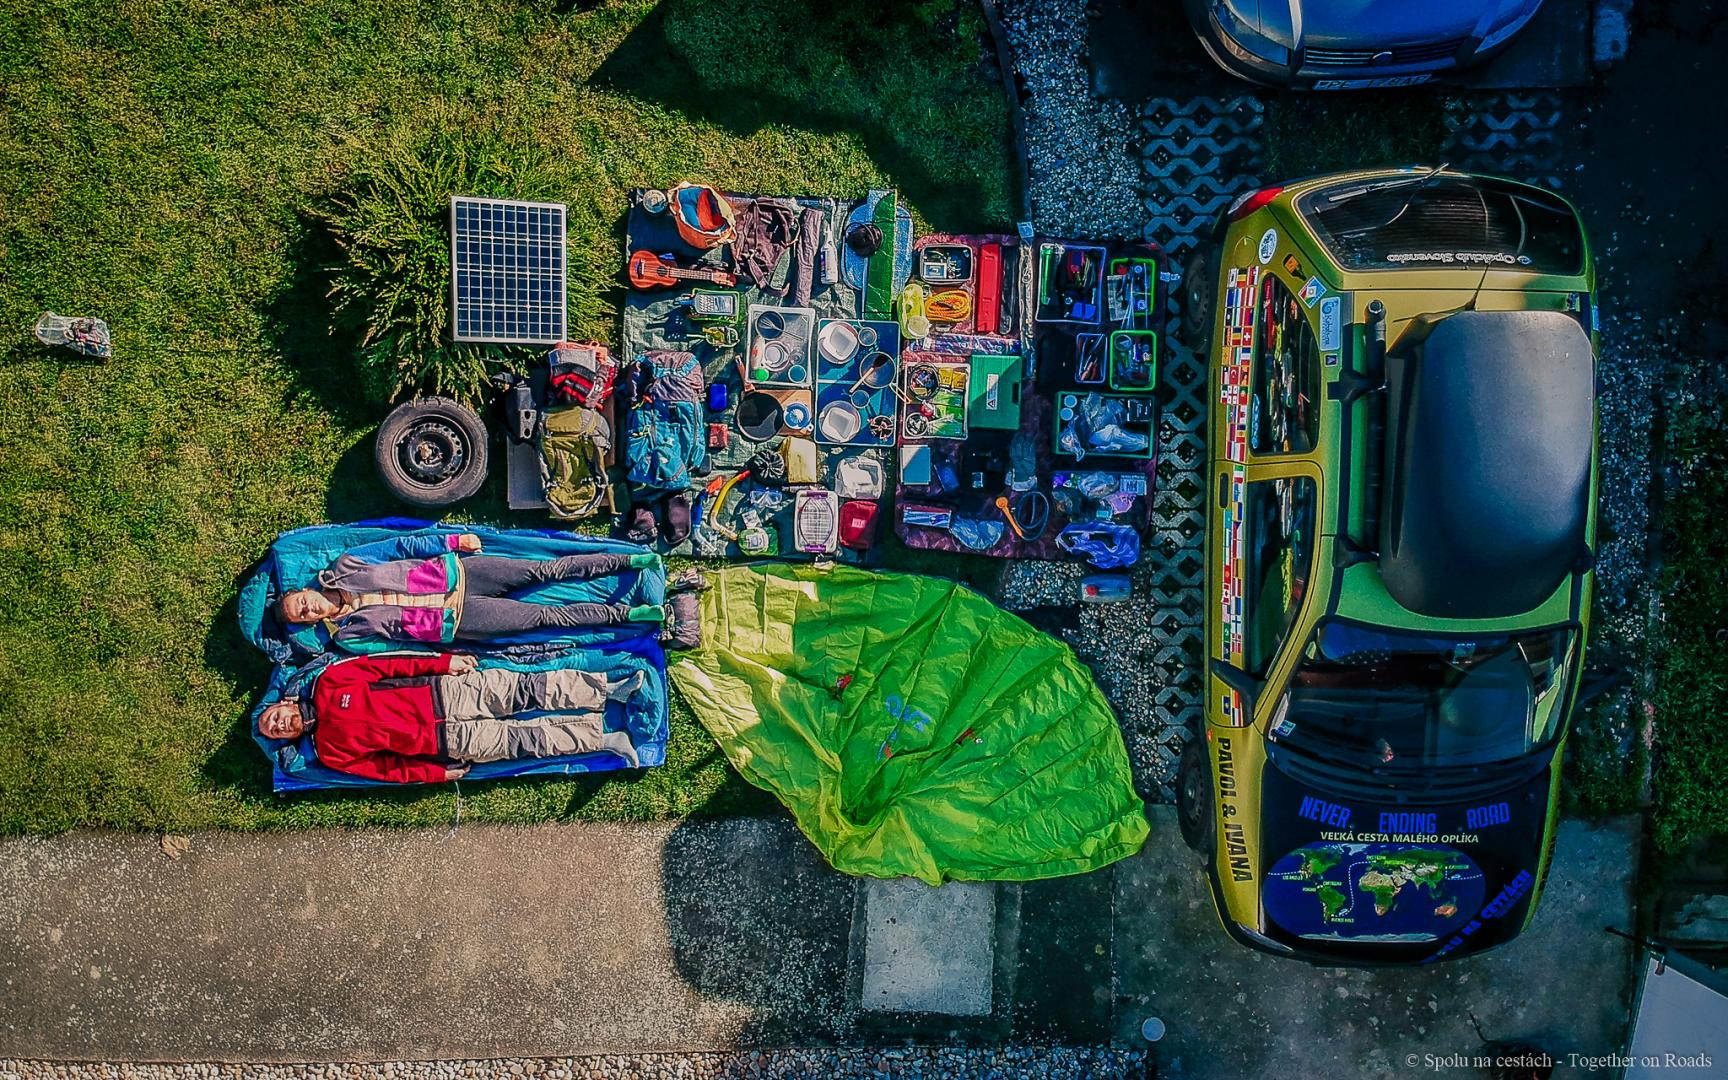 Alle spullen in de Opel Corsa